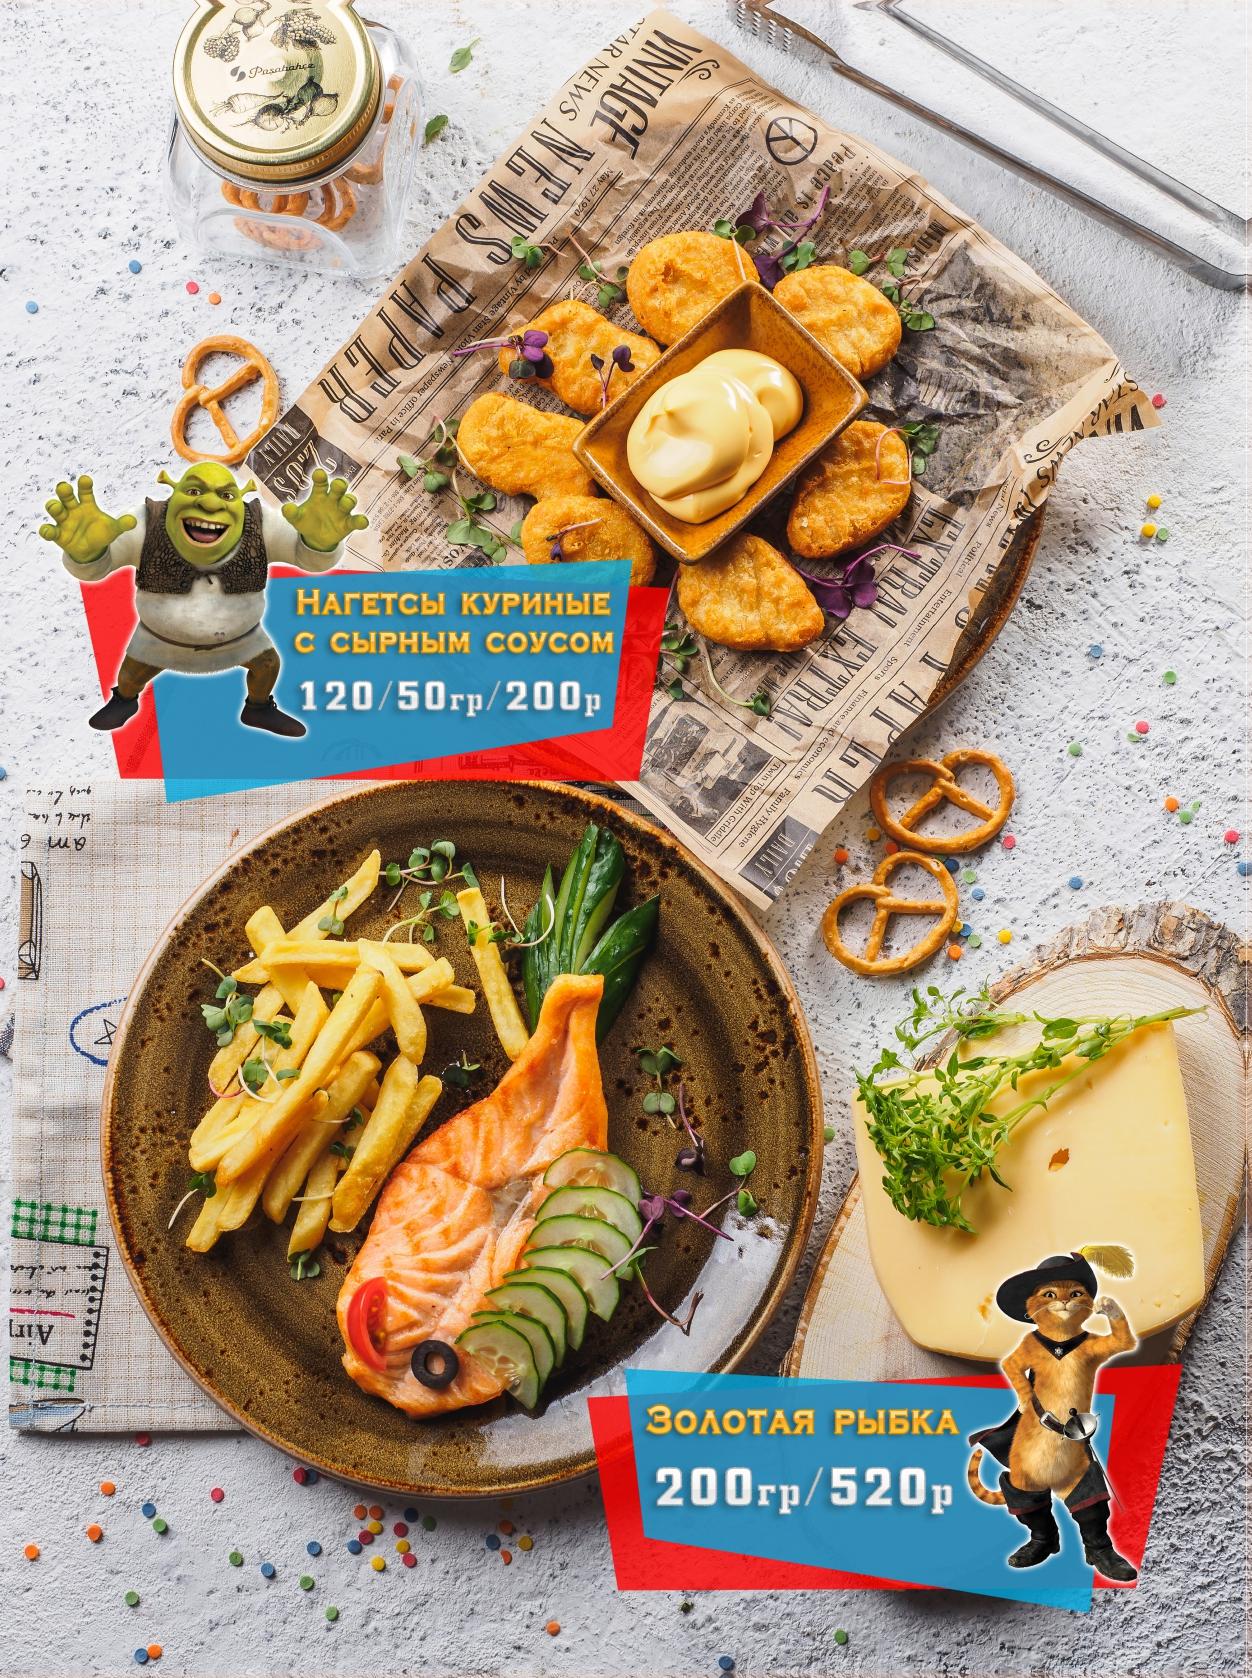 детское меню горячие блюда фото